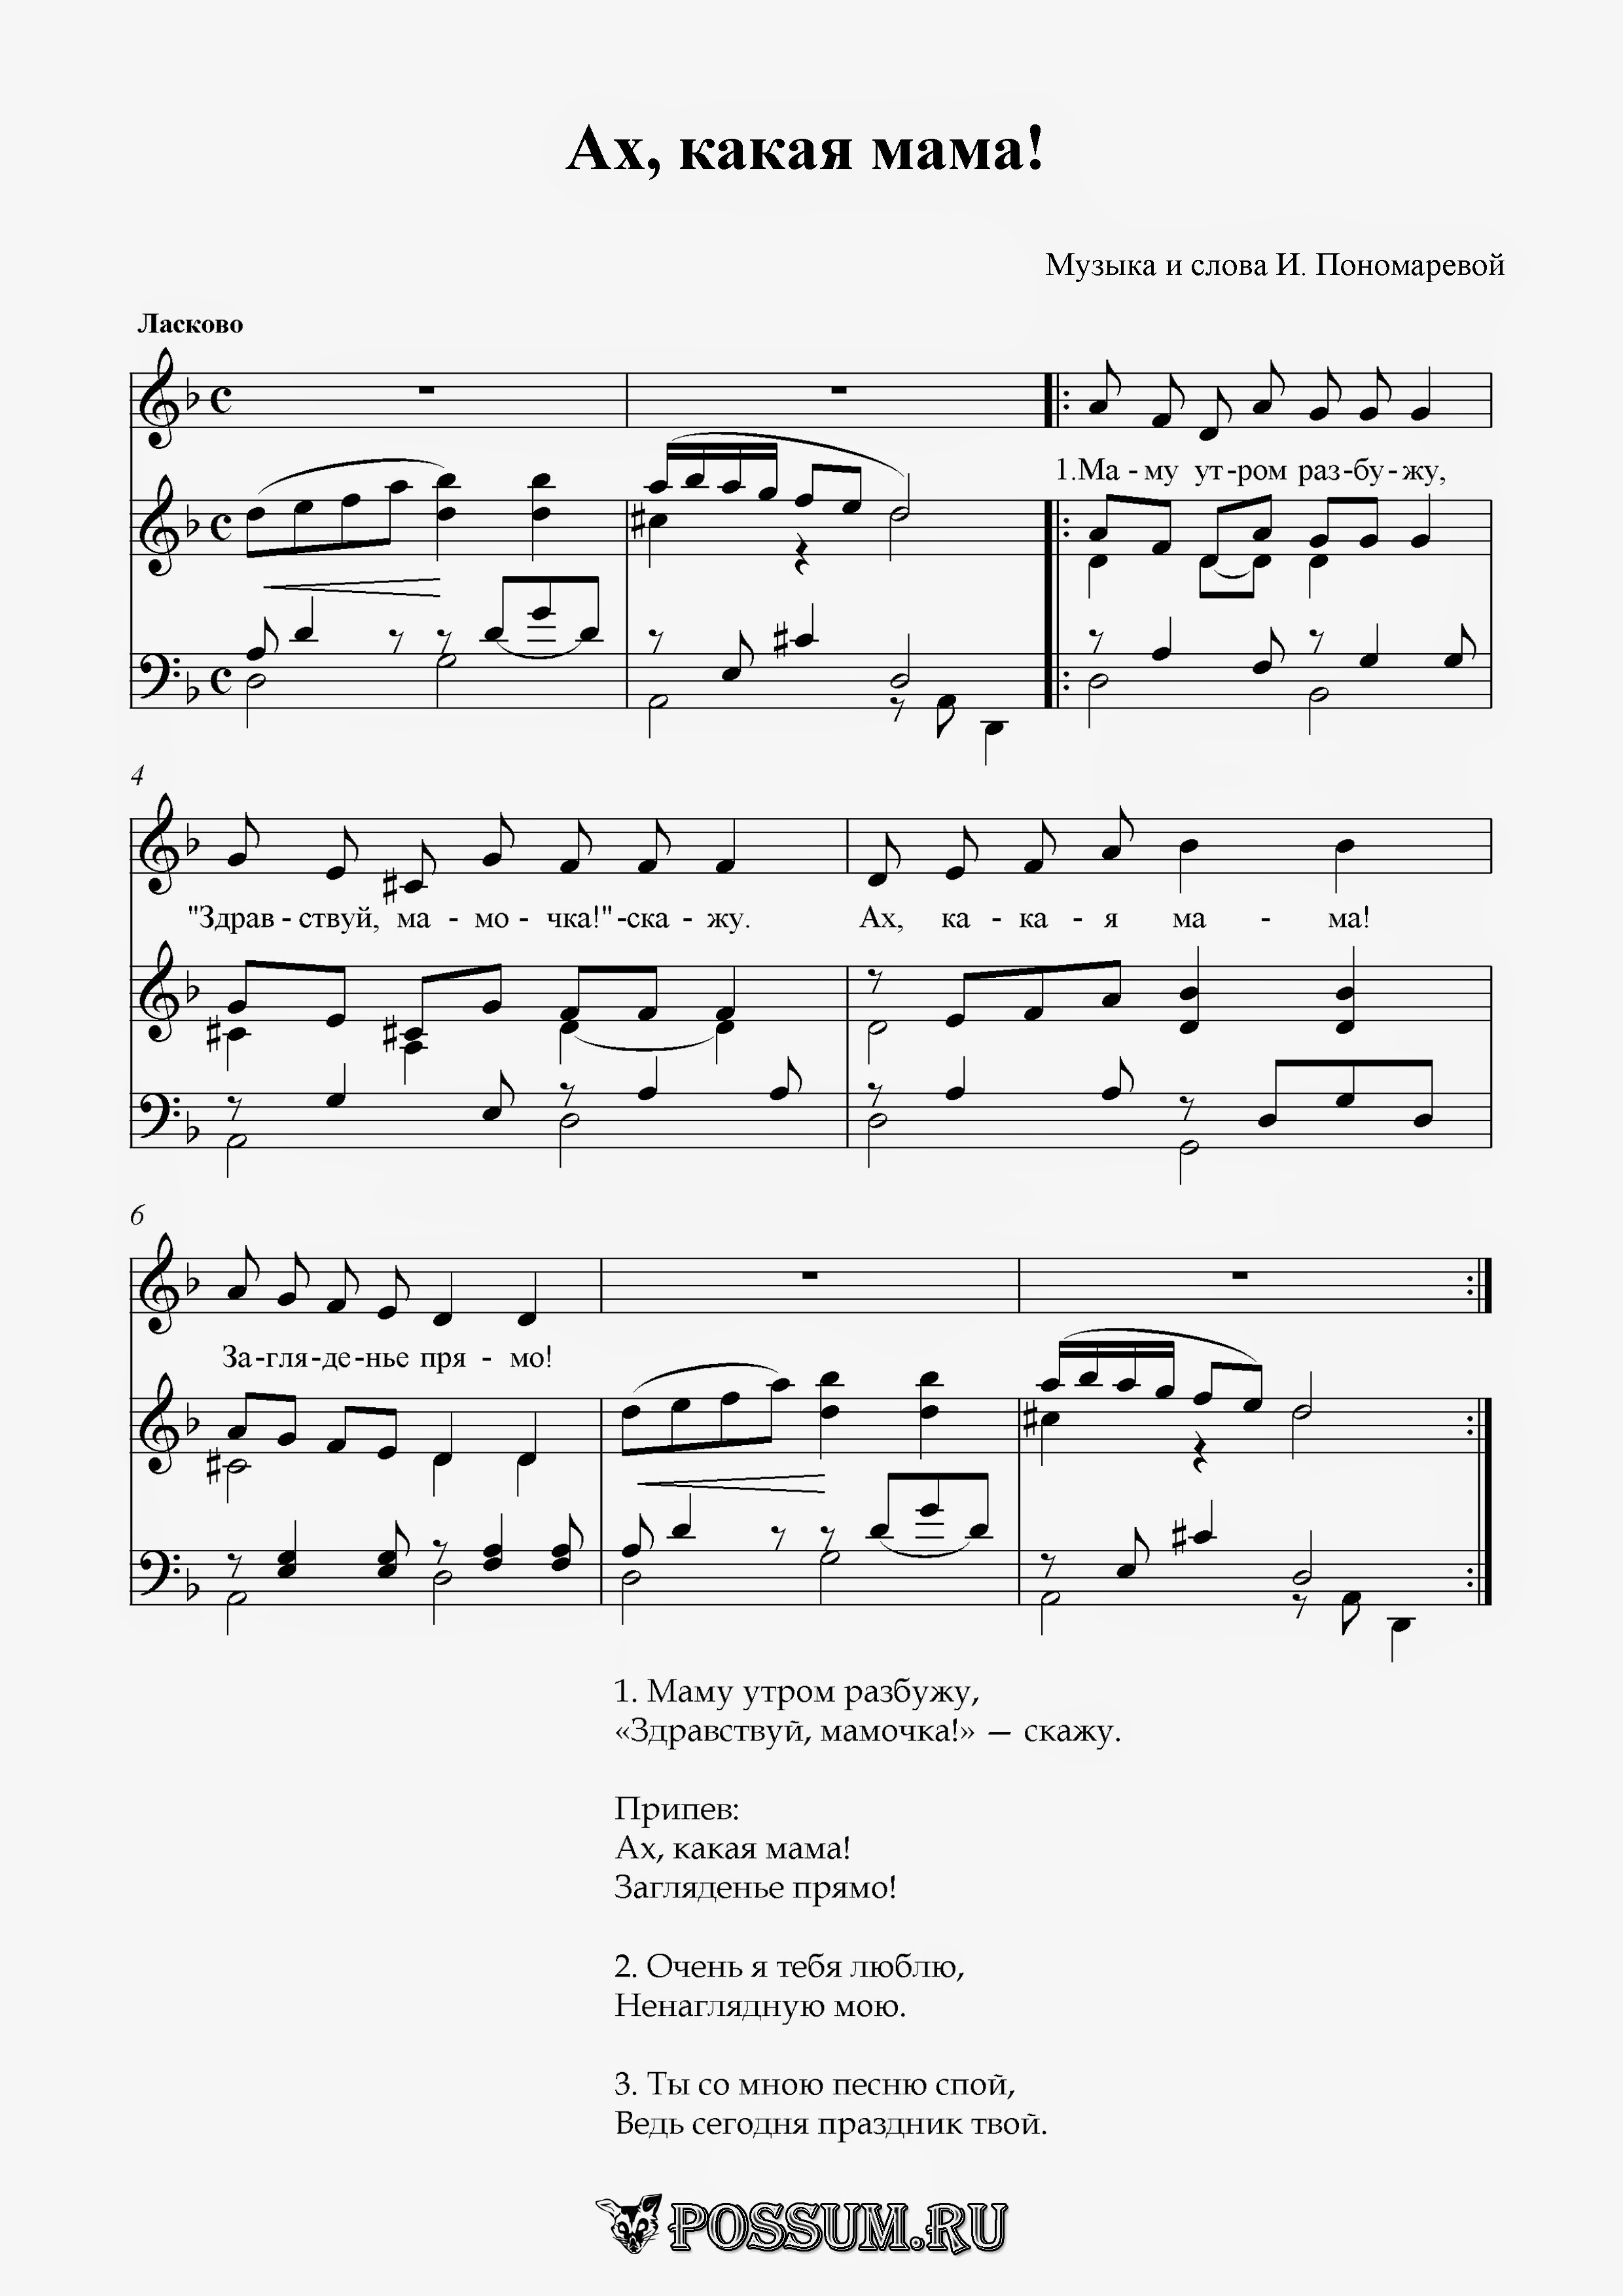 Детские мелодии для конкурсов скачать бесплатно